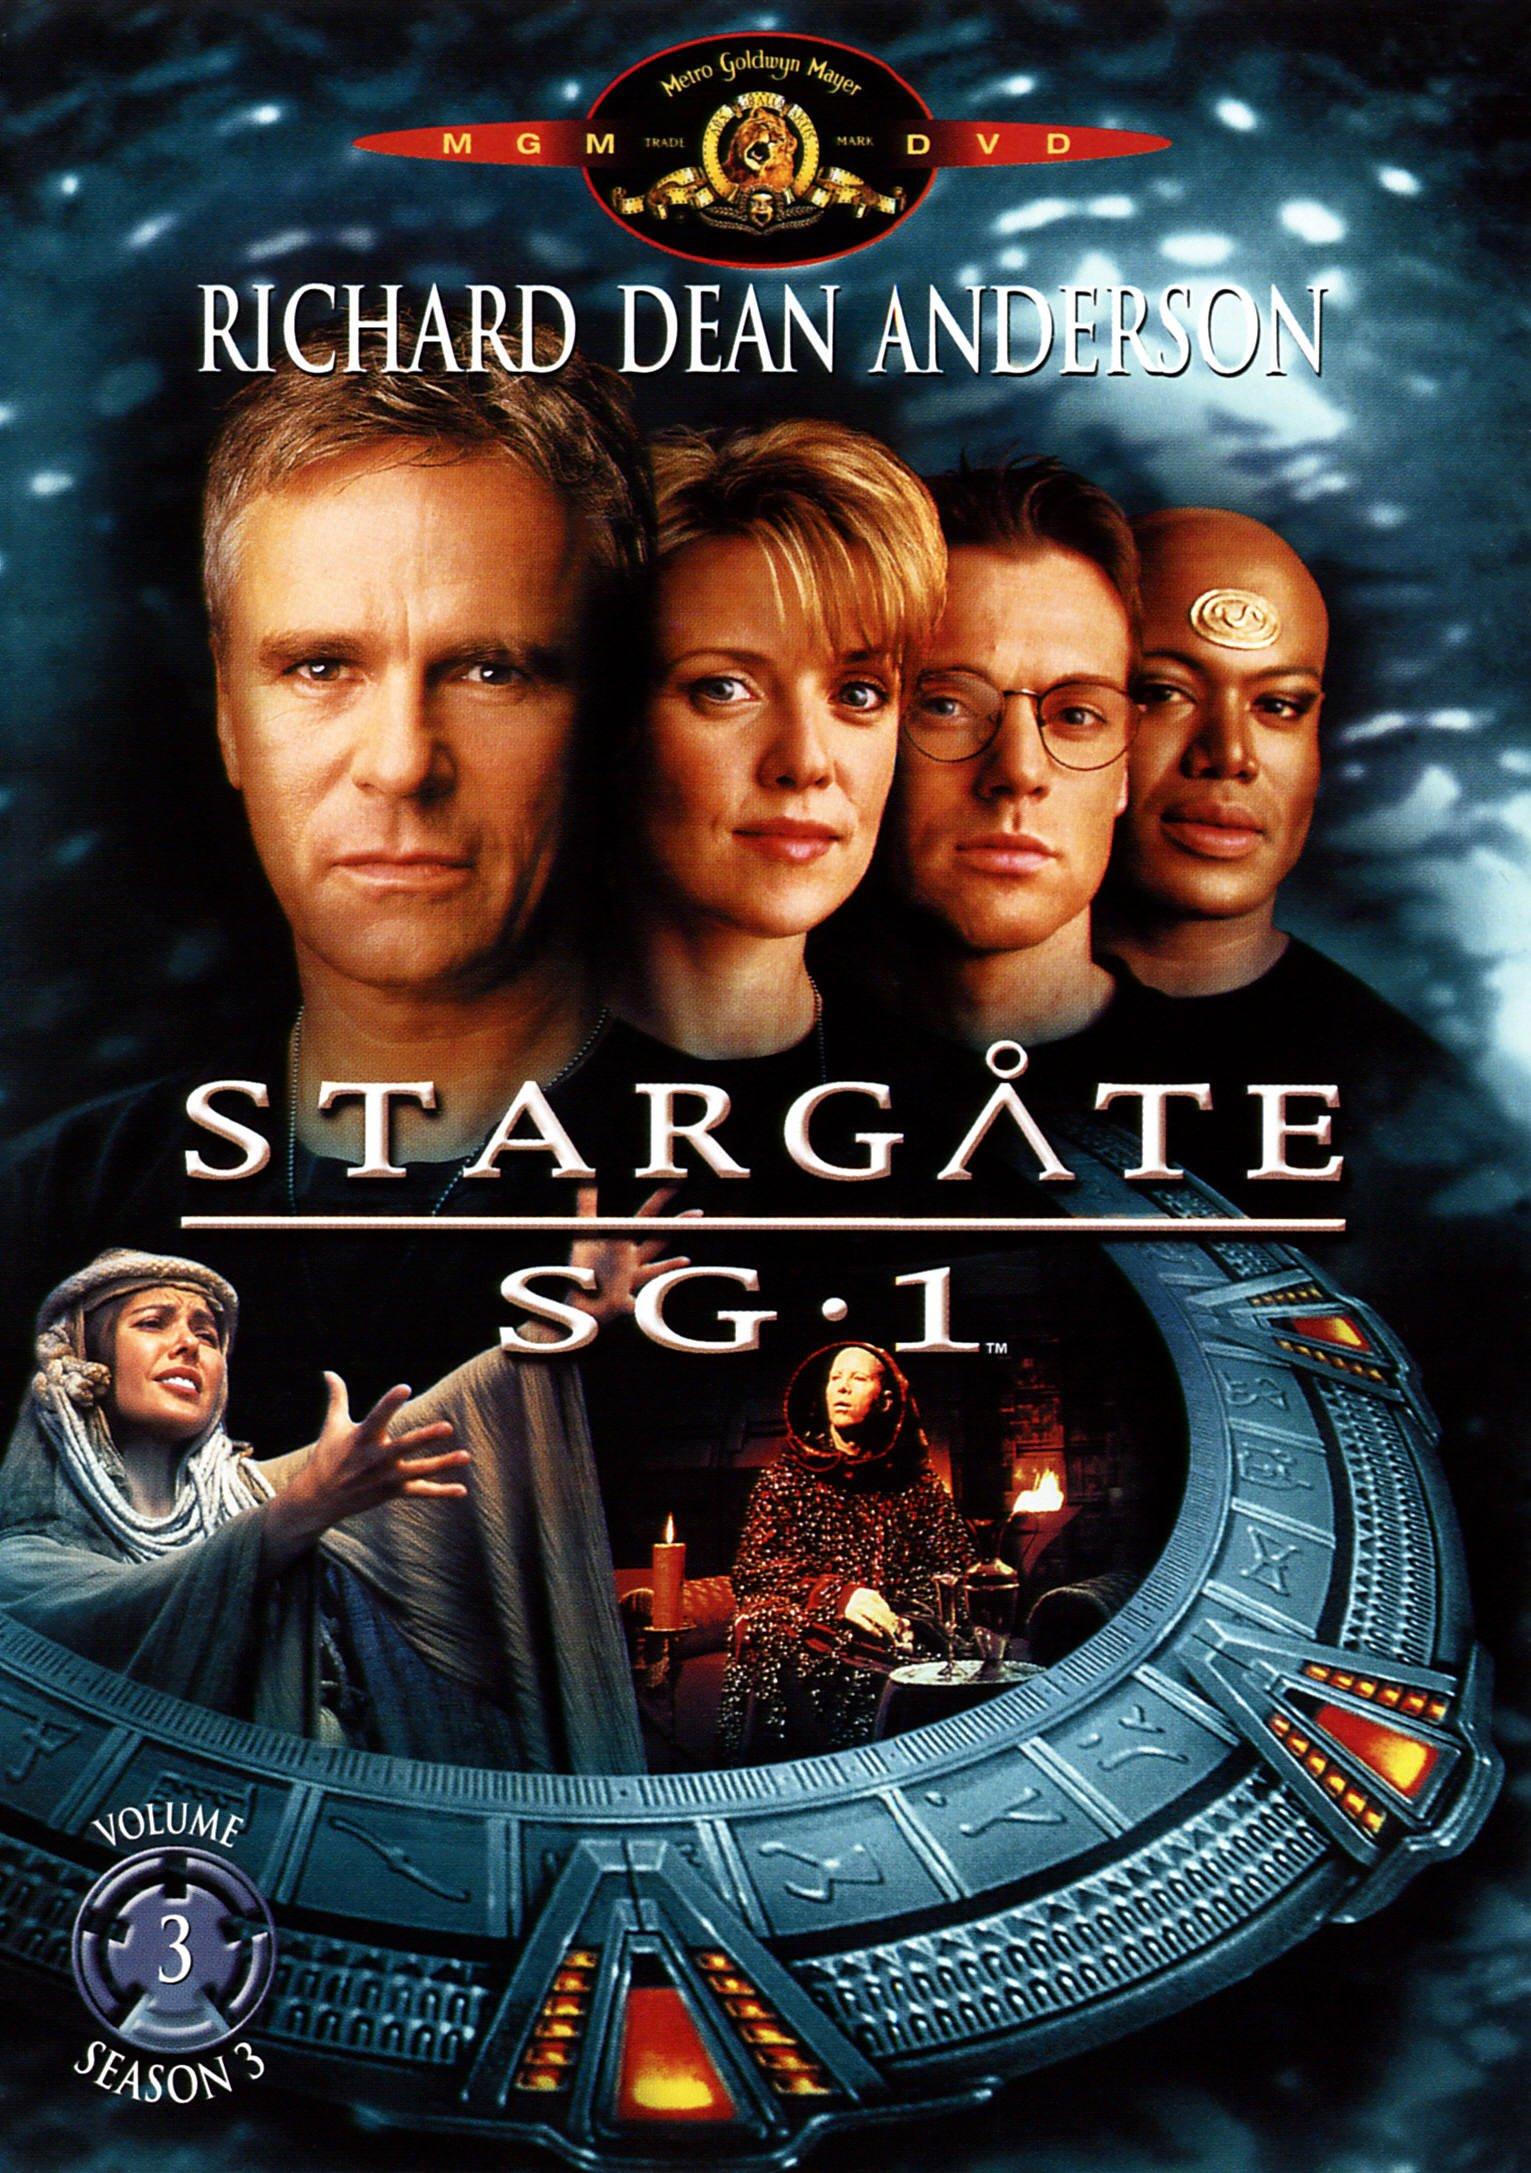 stargate_sg-1_1997_2852_poster.jpg